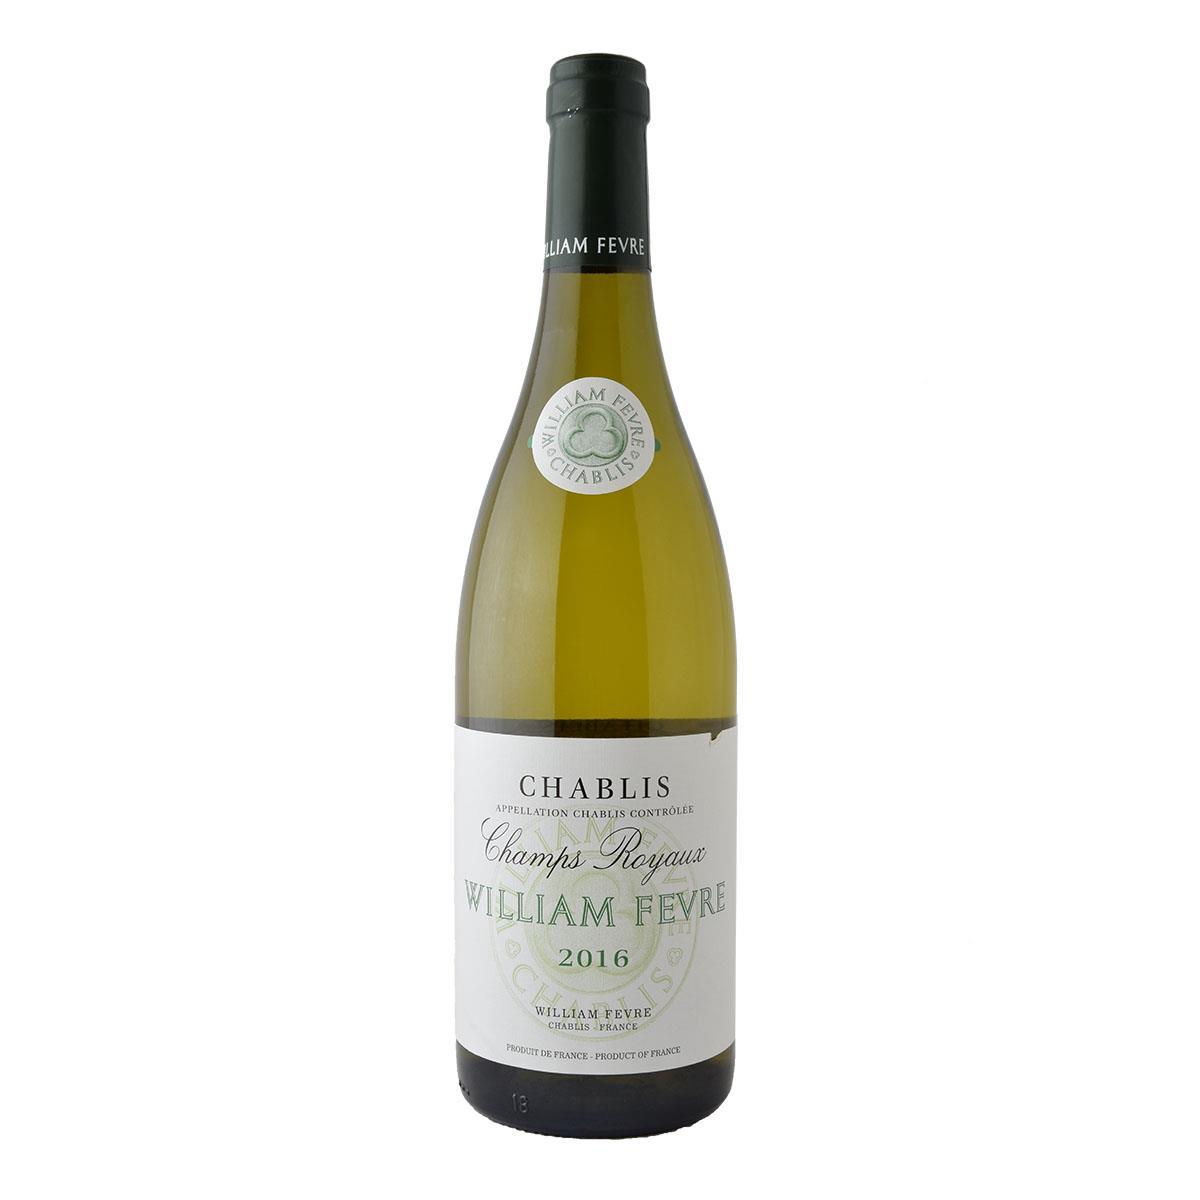 William Fevre Chablis Champs Royaux 750ml Λευκό